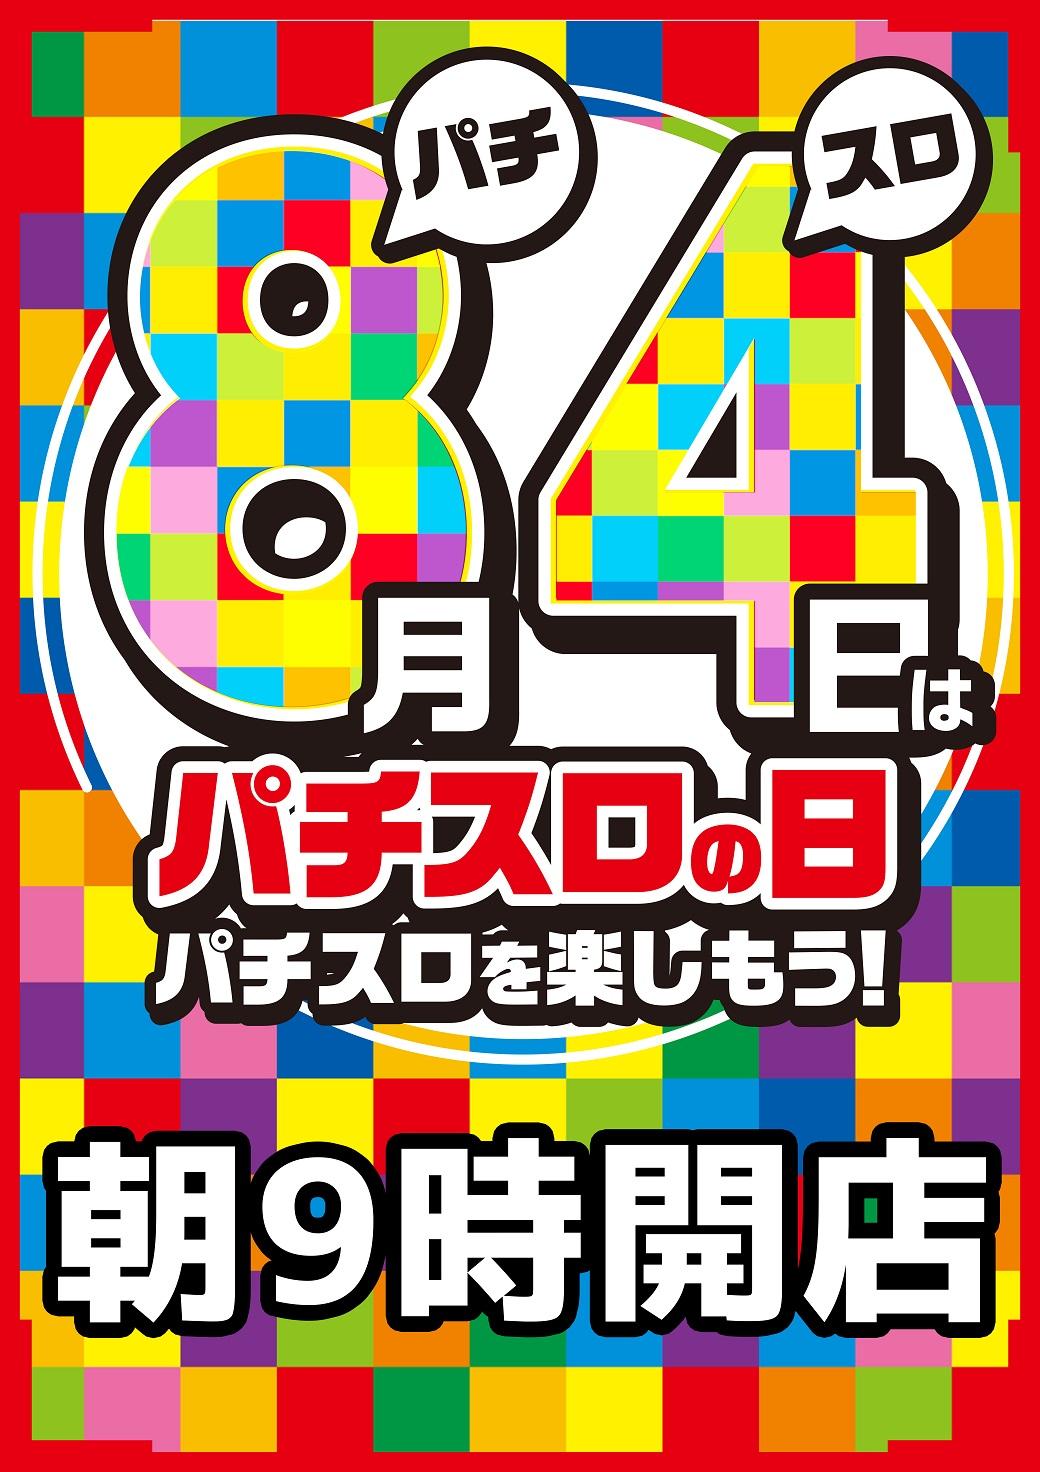 19日新台入替(予定)